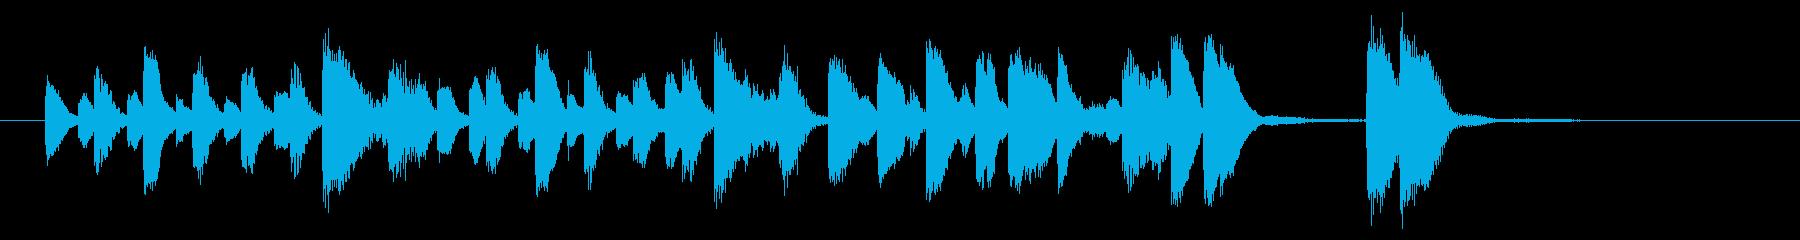 軽快なラグタイムピアノの再生済みの波形